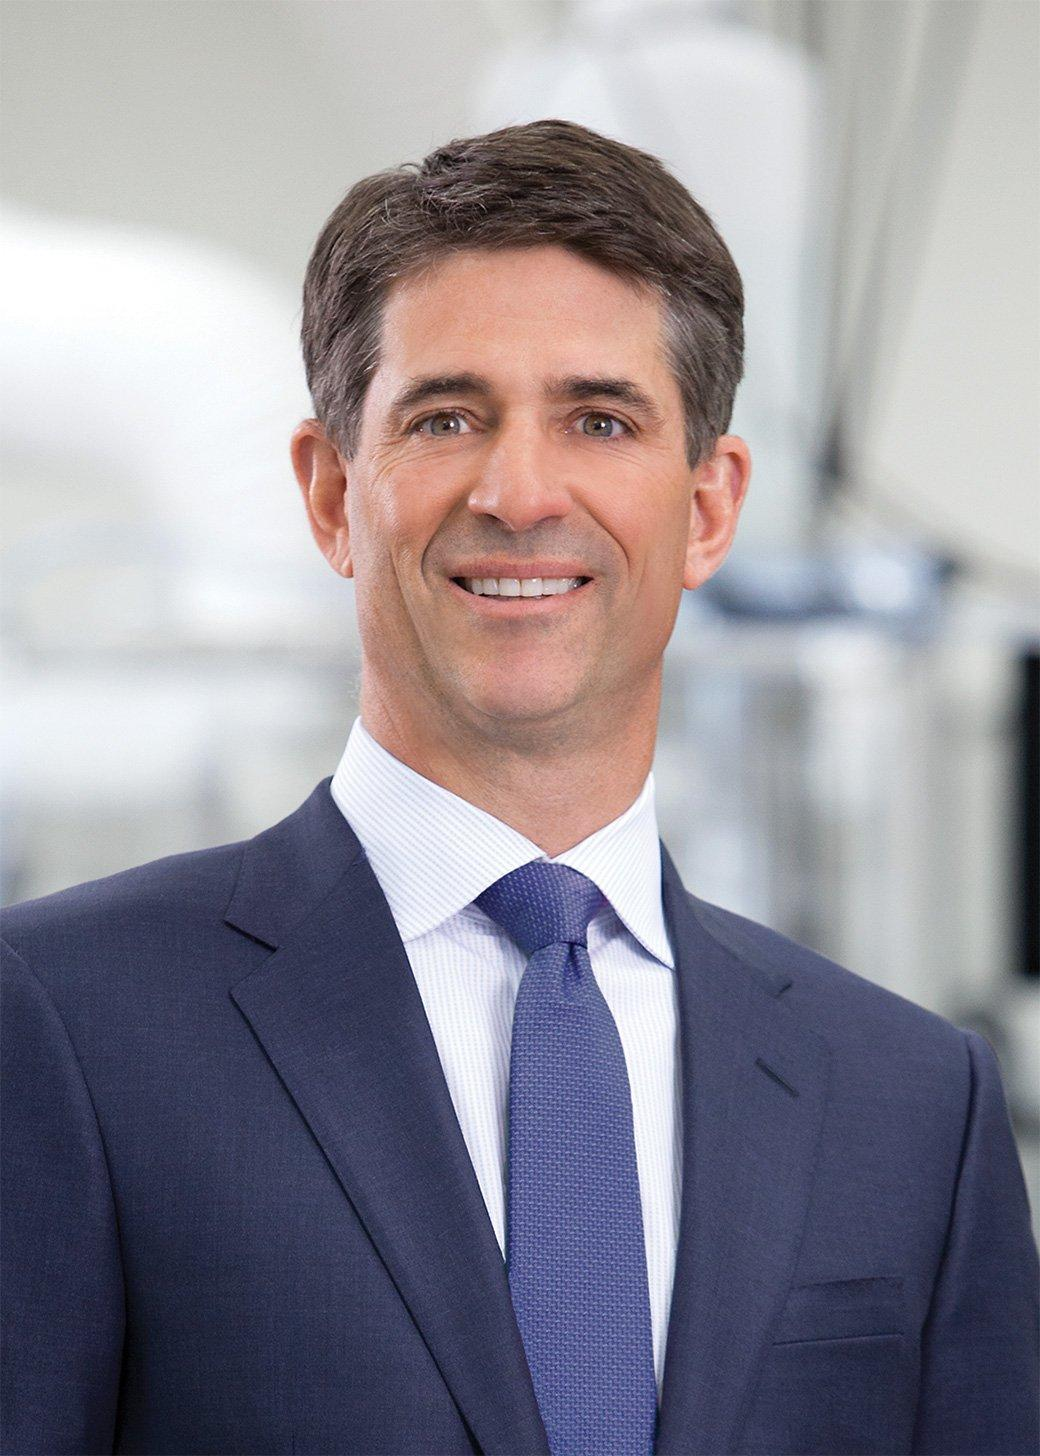 Kevin Conroy